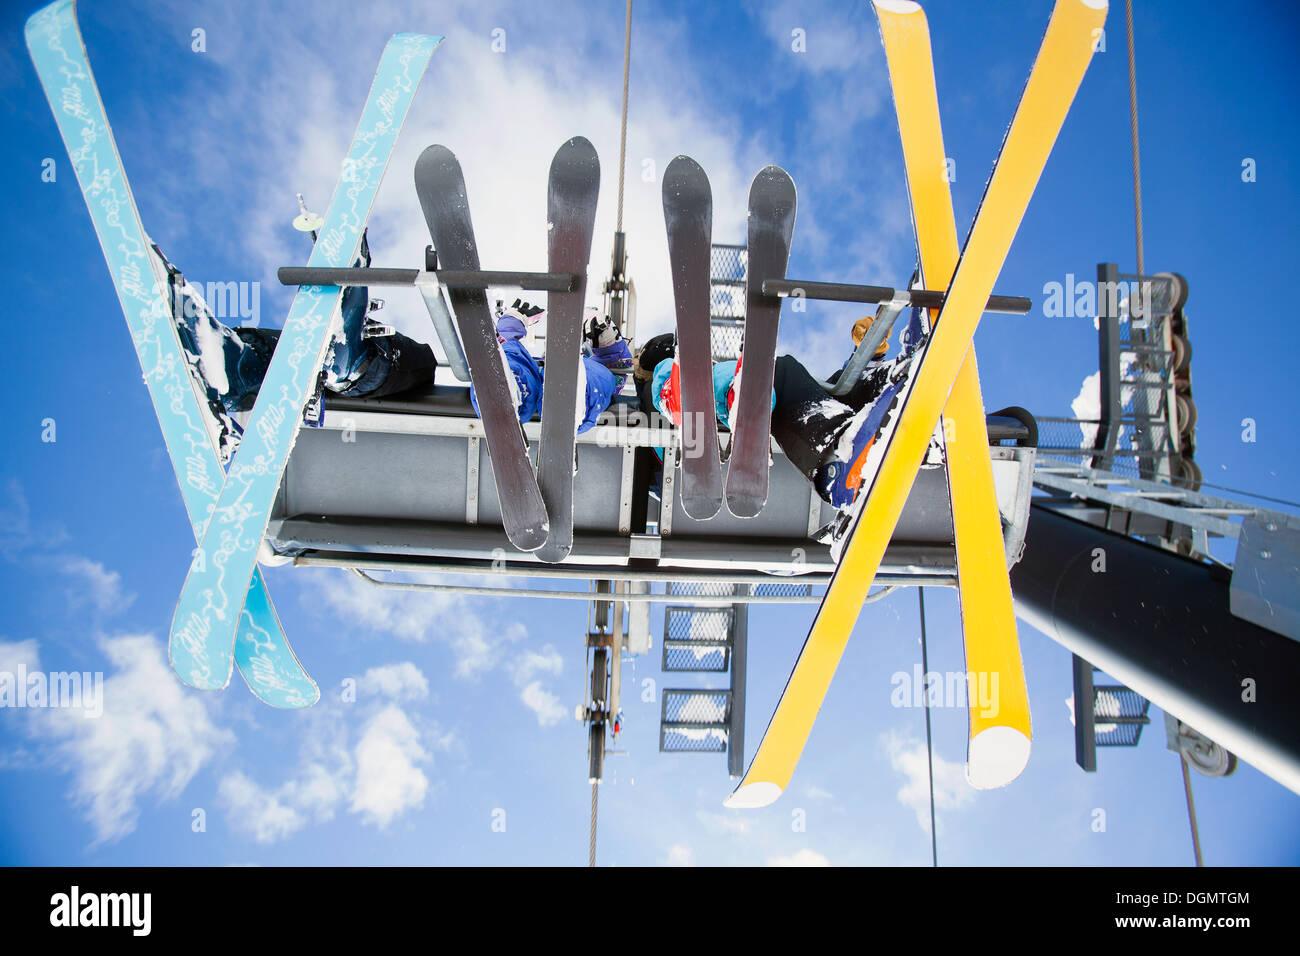 Famiglia di sciatori su sci lift visto da sotto Immagini Stock